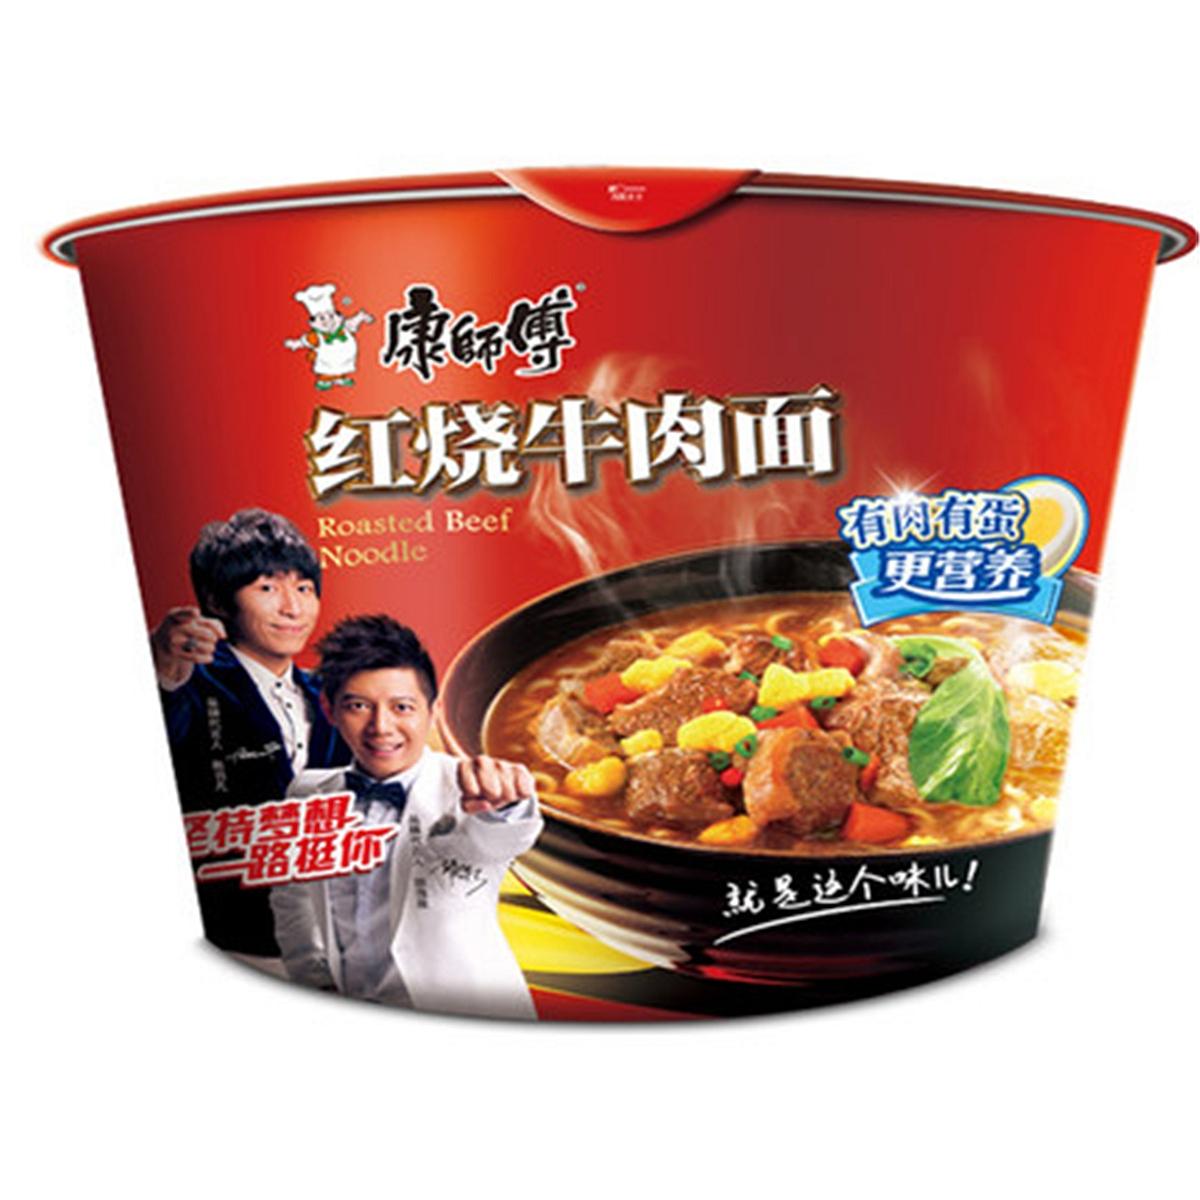 康师傅 红烧牛肉面 105g*12桶/箱 (单位:箱)